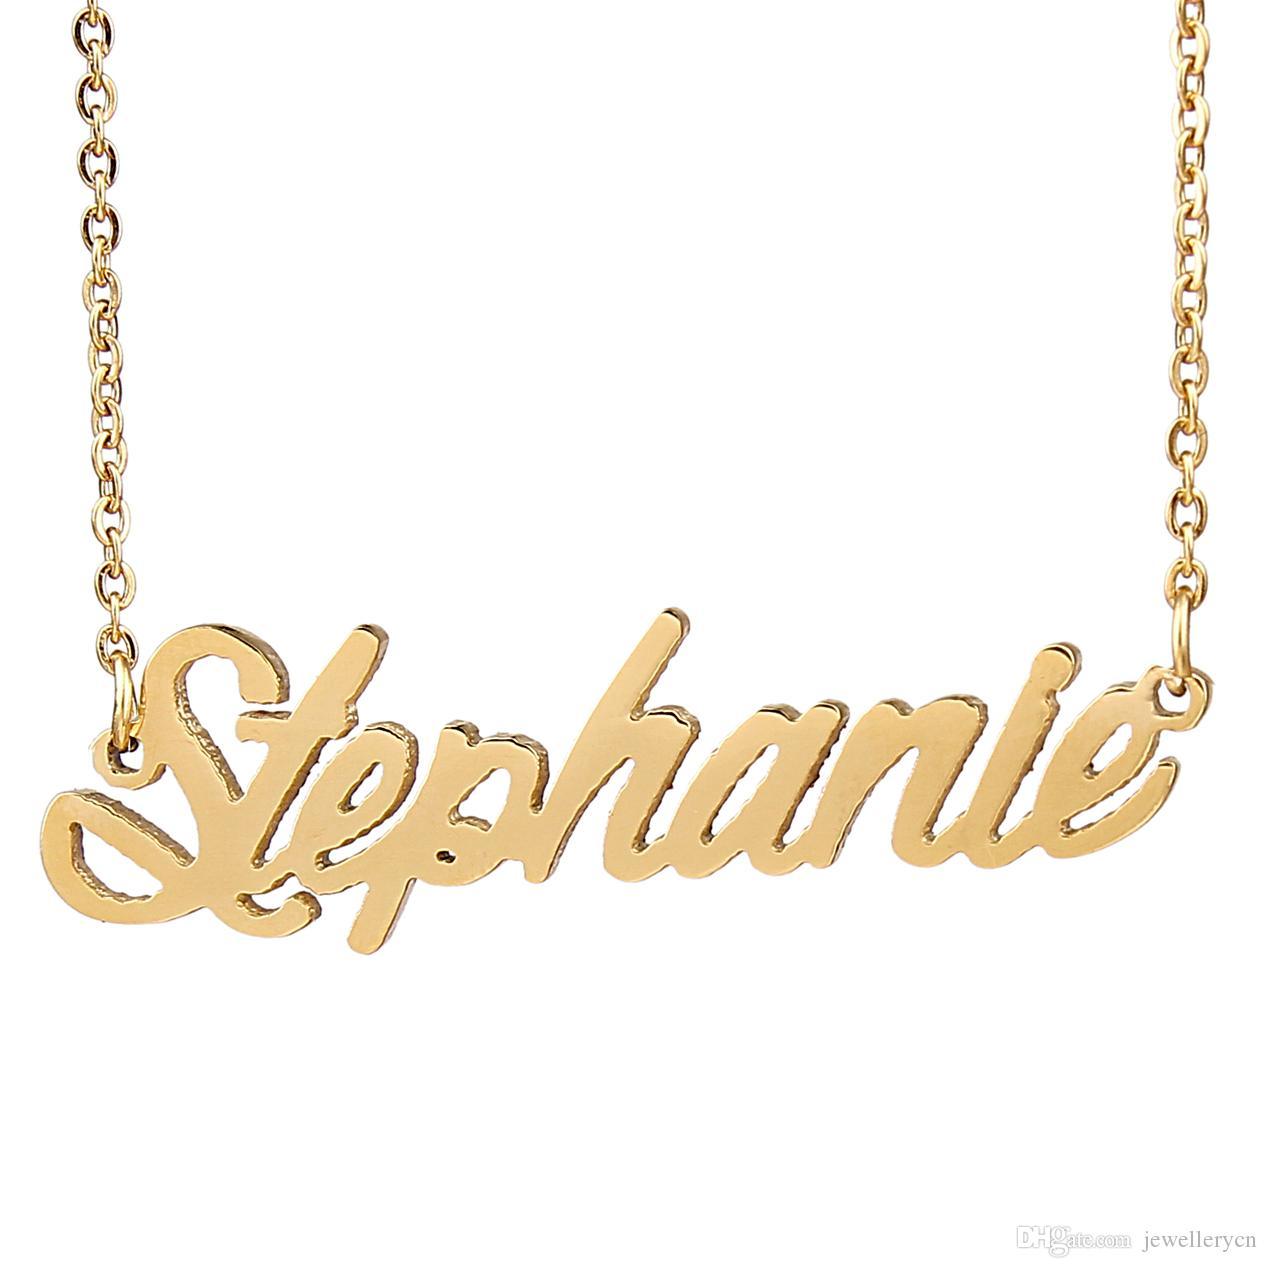 """Personnalisé personnalisé 18K plaqué or en acier inoxydable Script Name collier """"Stephanie"""" charme plaque signalétique collier bijoux cadeau NL-2430"""